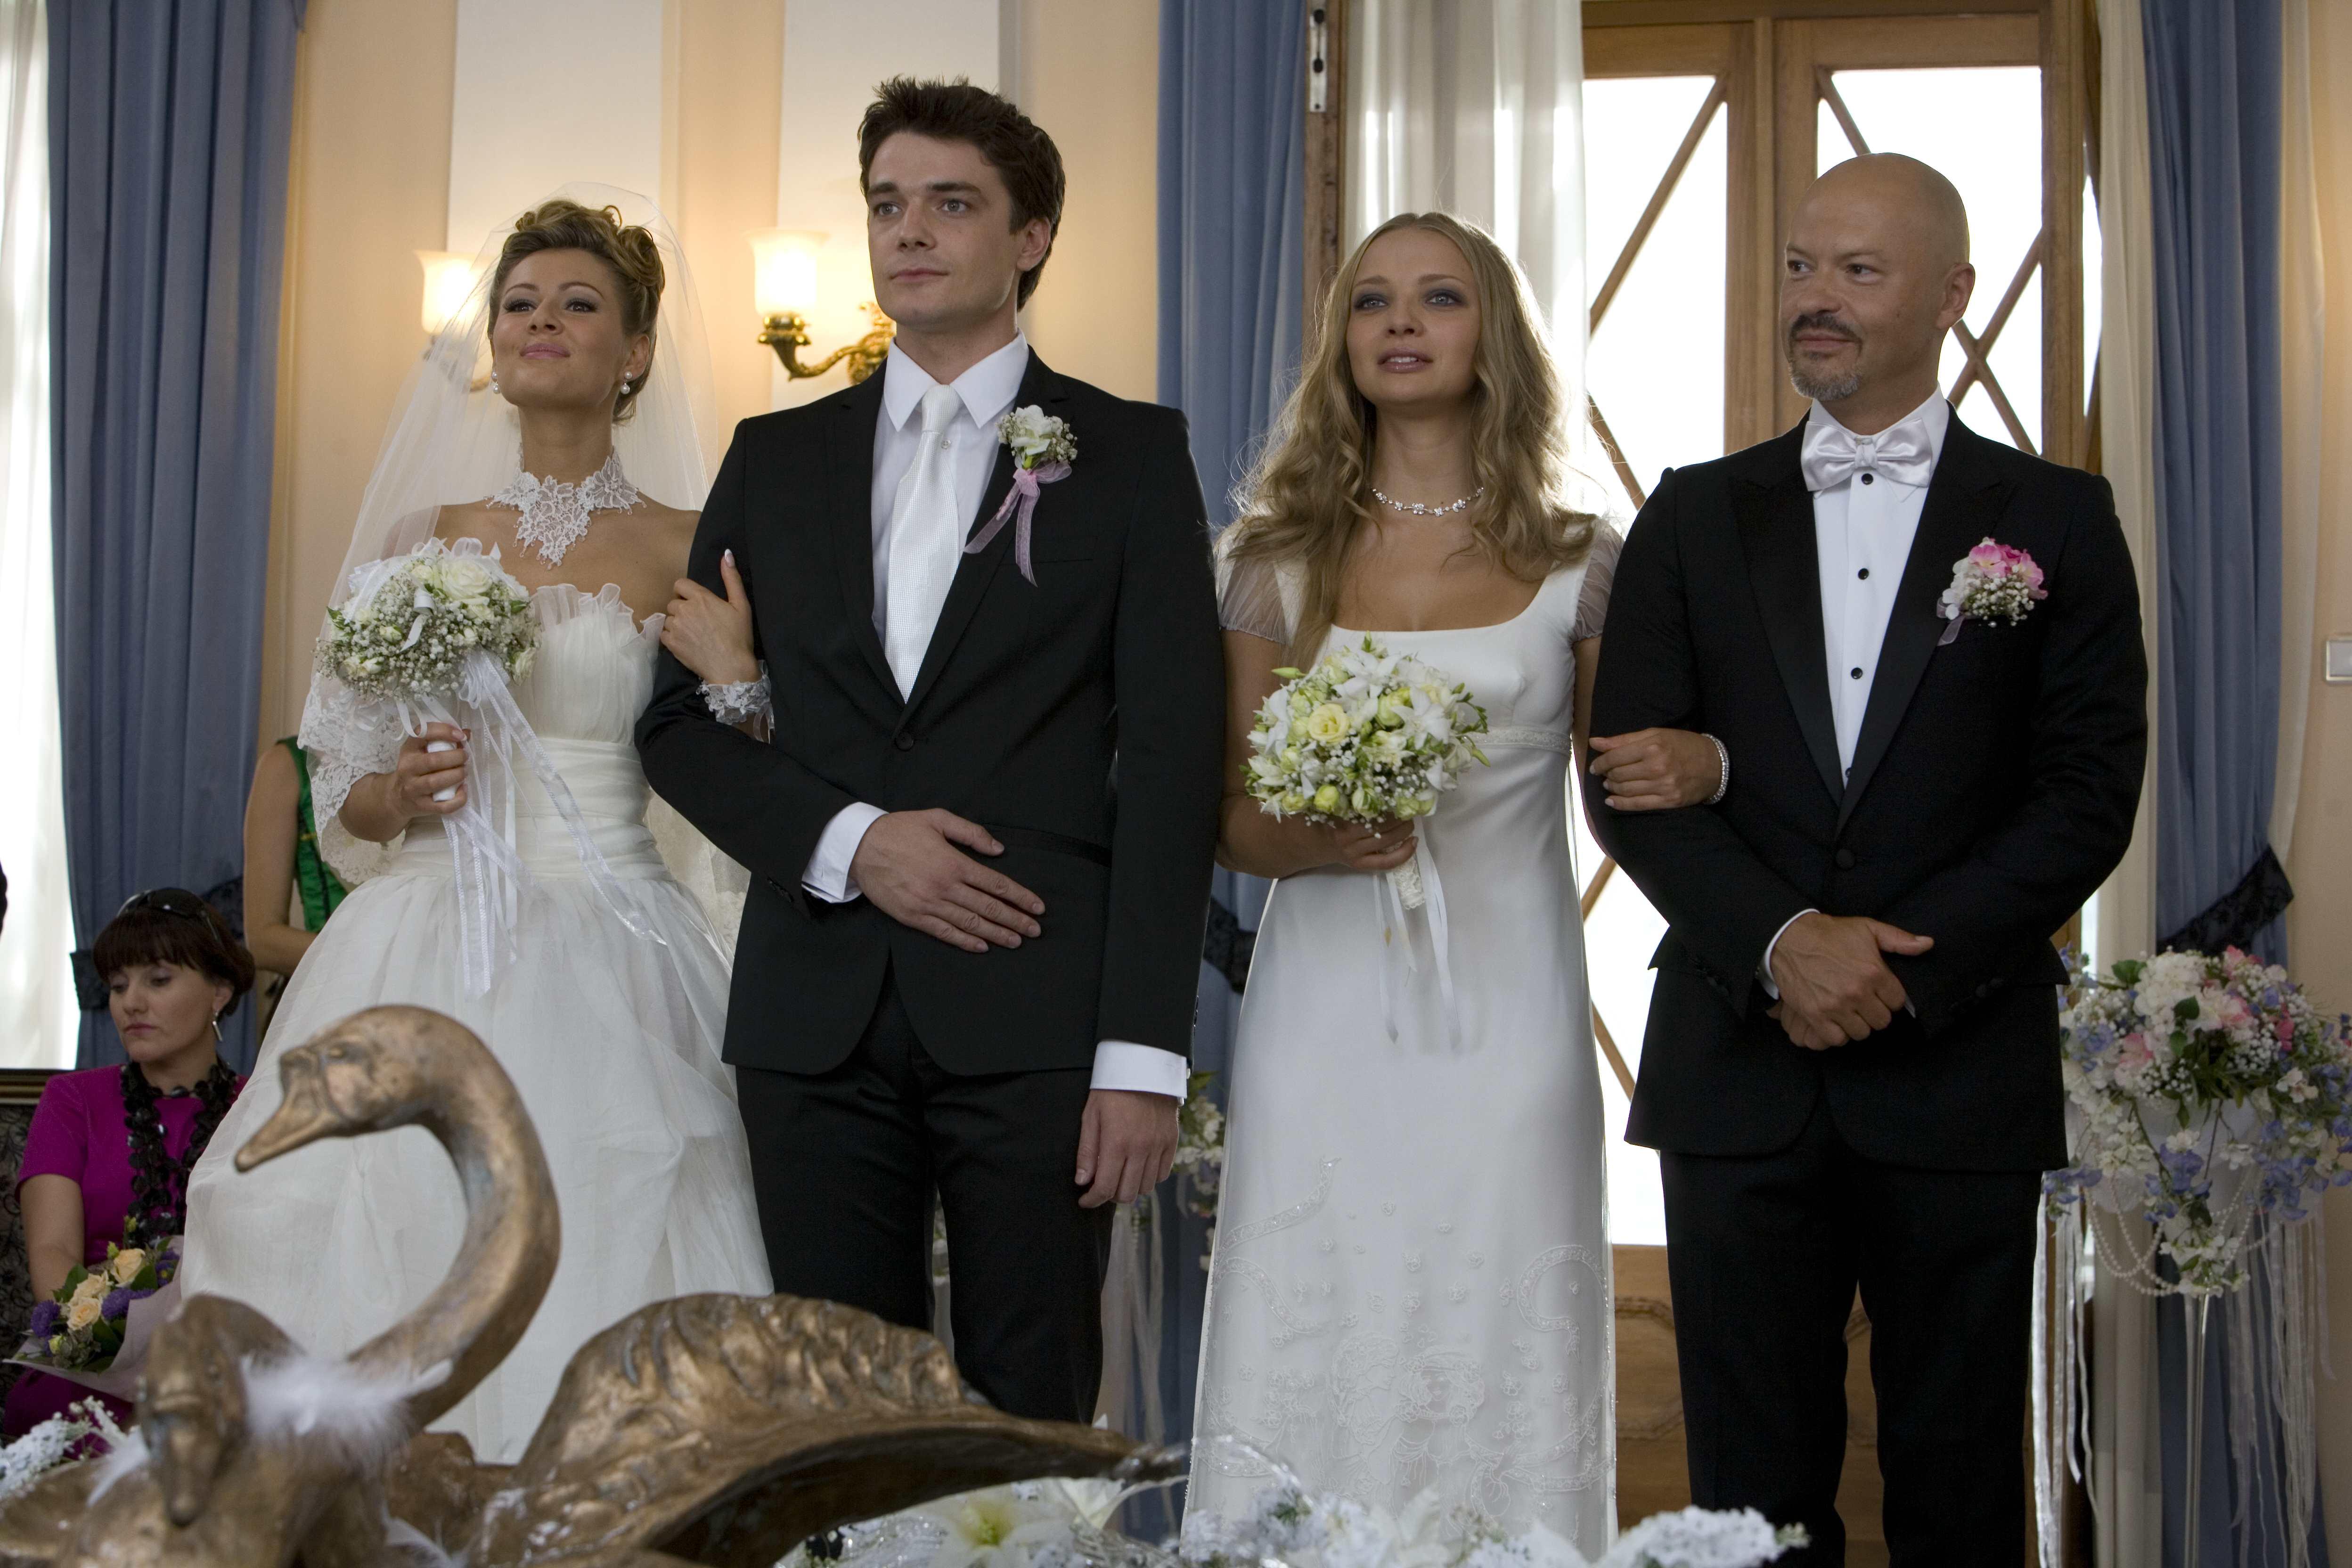 Свадьба по обмену - фильм, кадры, актеры, видео, трейлер - Yaom.ru кадр 2